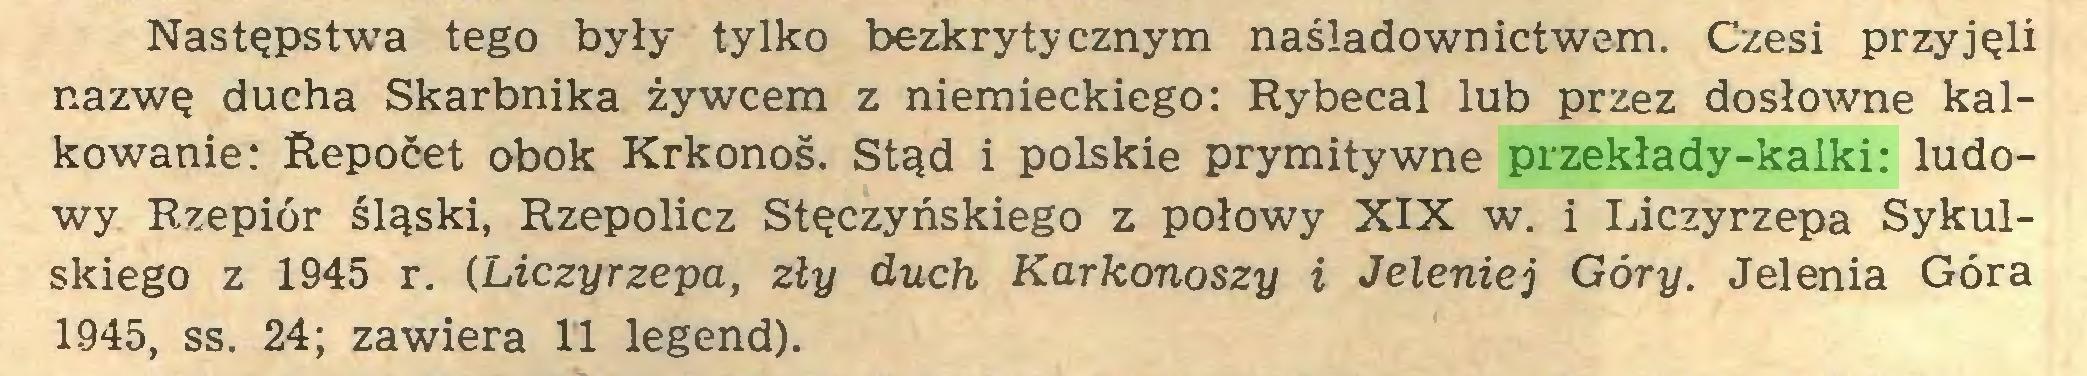 (...) Następstwa tego były tylko bezkrytycznym naśladownictwem. Czesi przyjęli nazwę ducha Skarbnika żywcem z niemieckiego: Rybecal lub przez dosłowne kalkowanie: Repoćet obok Krkonoś. Stąd i polskie prymitywne przekłady-kalki: ludowy Rzepiór śląski, Rzepolicz Stęczyńskiego z połowy XIX w. i Liczyrzepa Sykulskiego z 1945 r. (Liczyrzepa, zły duch Karkonoszy i Jeleniej Góry. Jelenia Góra 1945, ss. 24; zawiera 11 legend)...